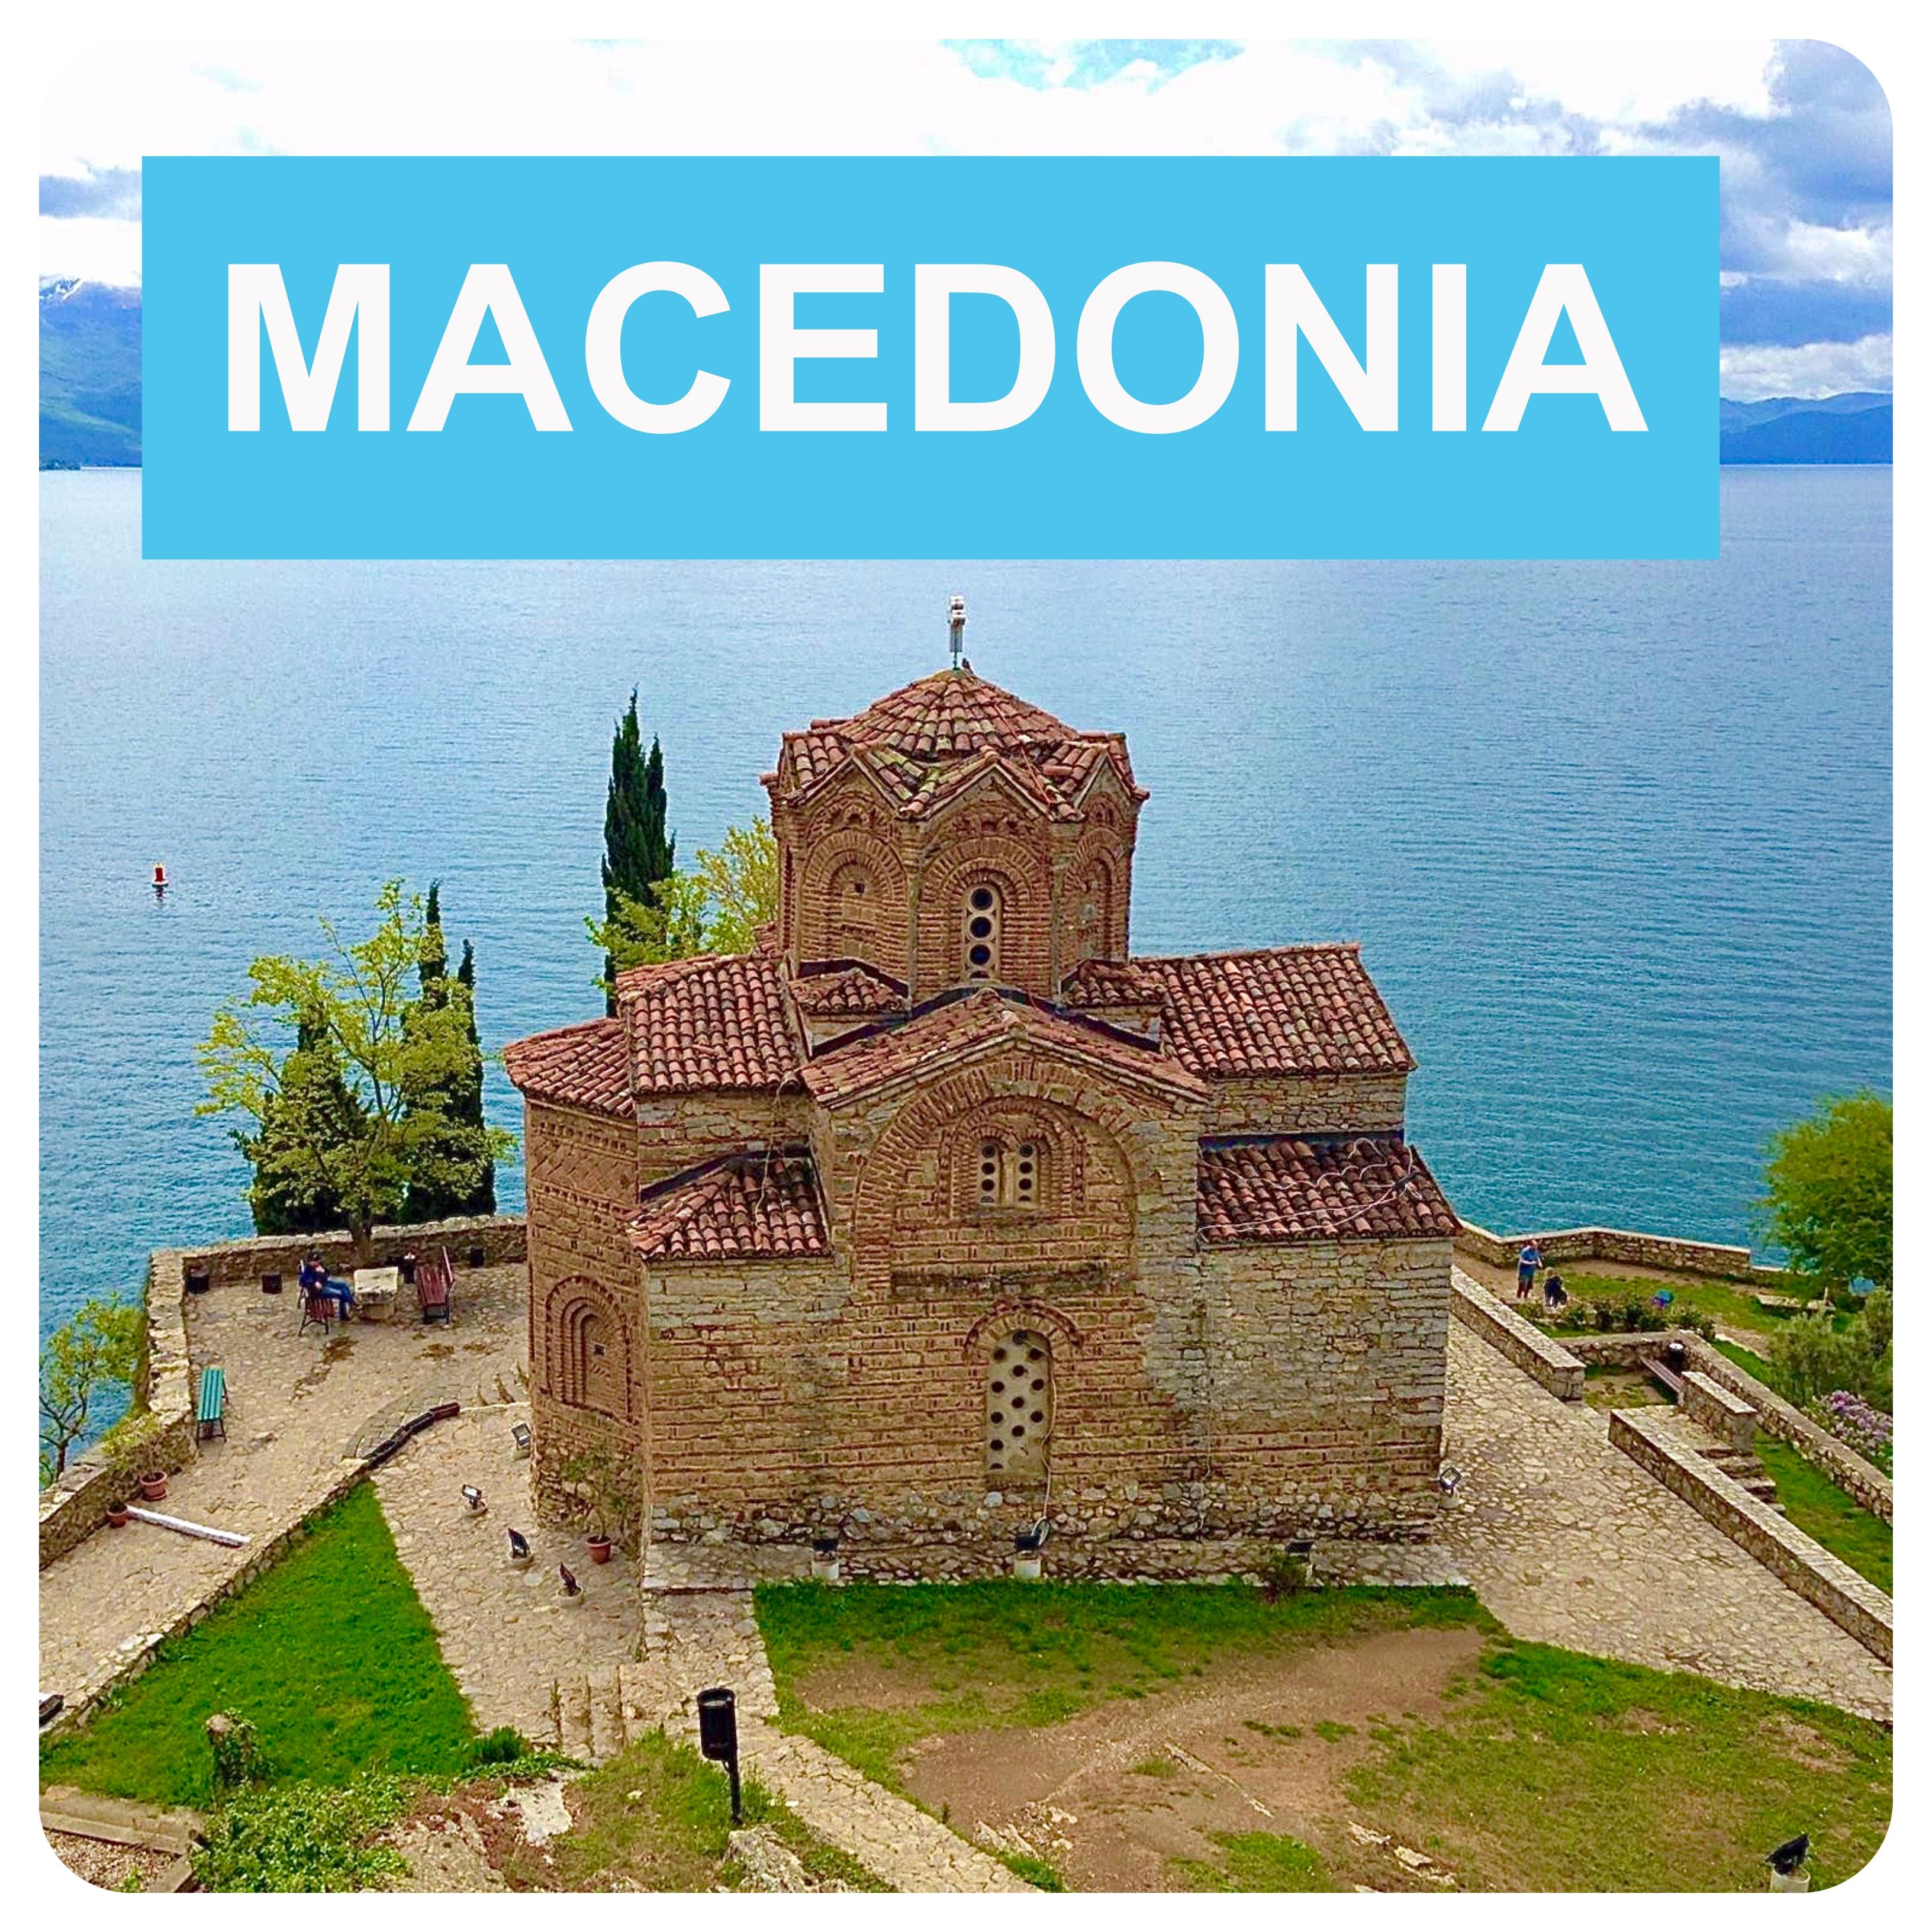 Noleggio auto macedonia senza carta di credito